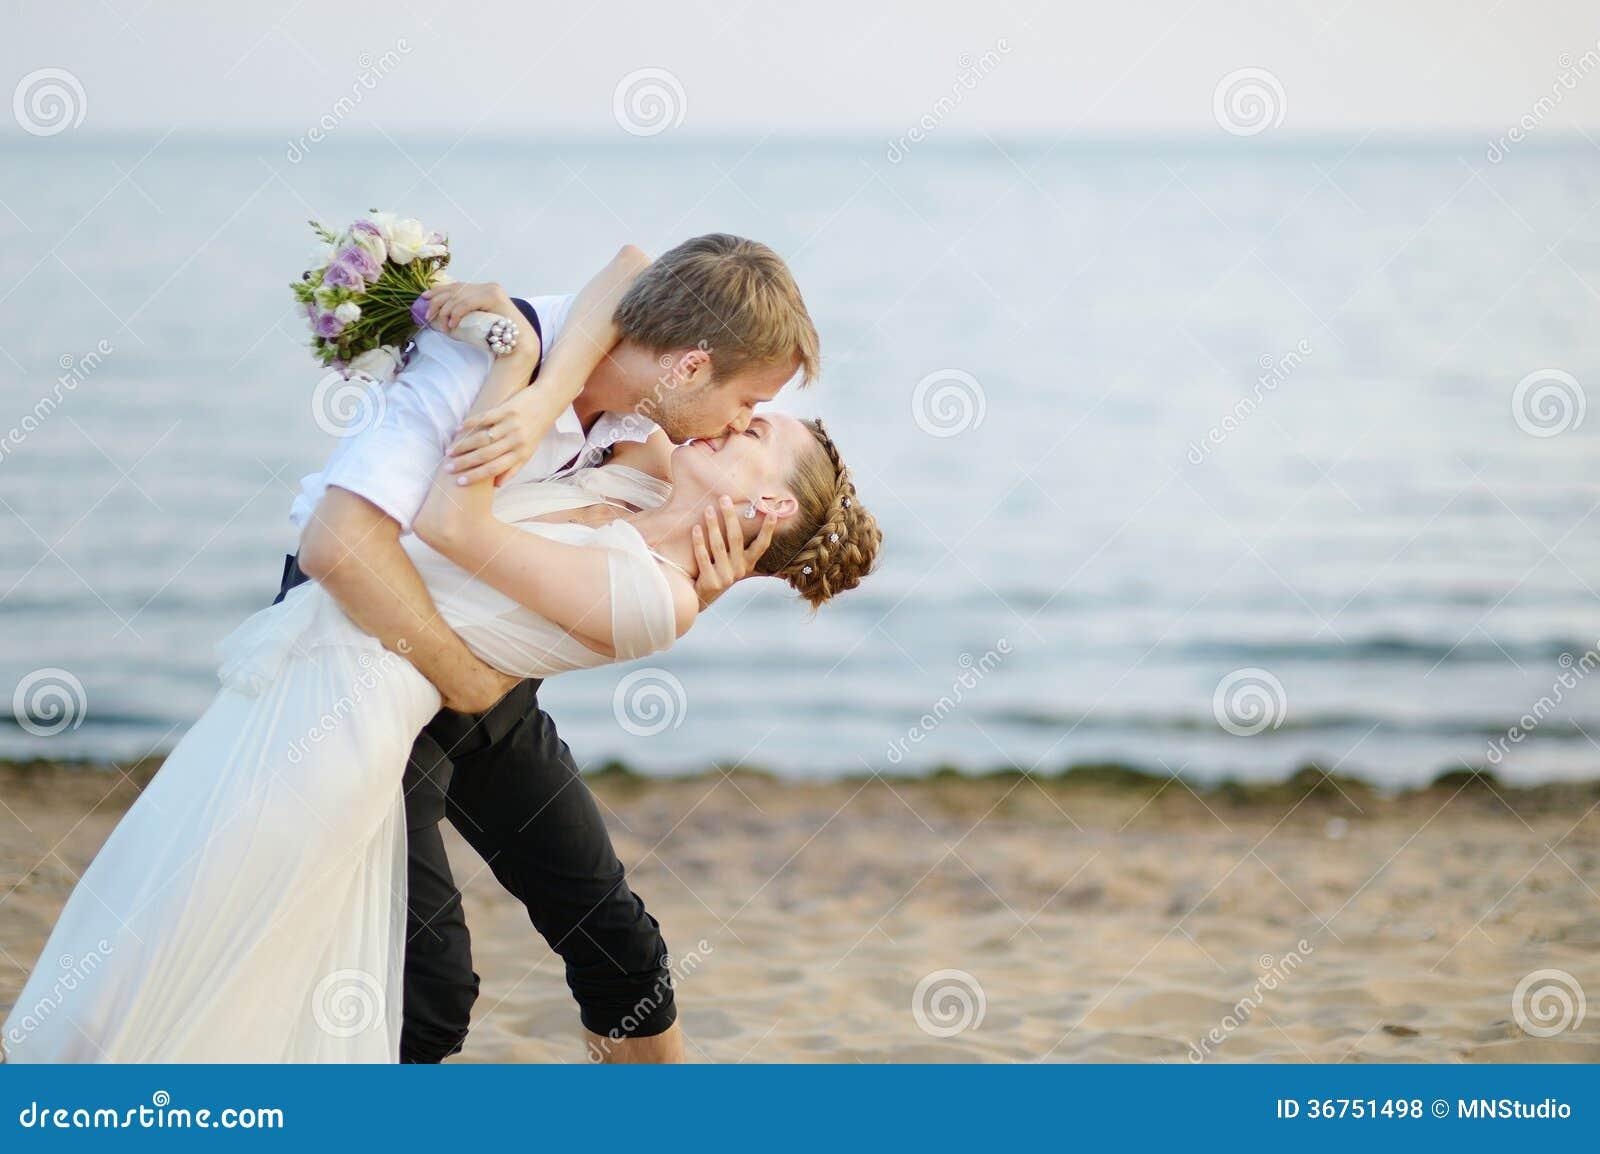 Mariage de plage jeunes mari s par la mer photos libres de droits image 36751498 - Mariage a la plage ...